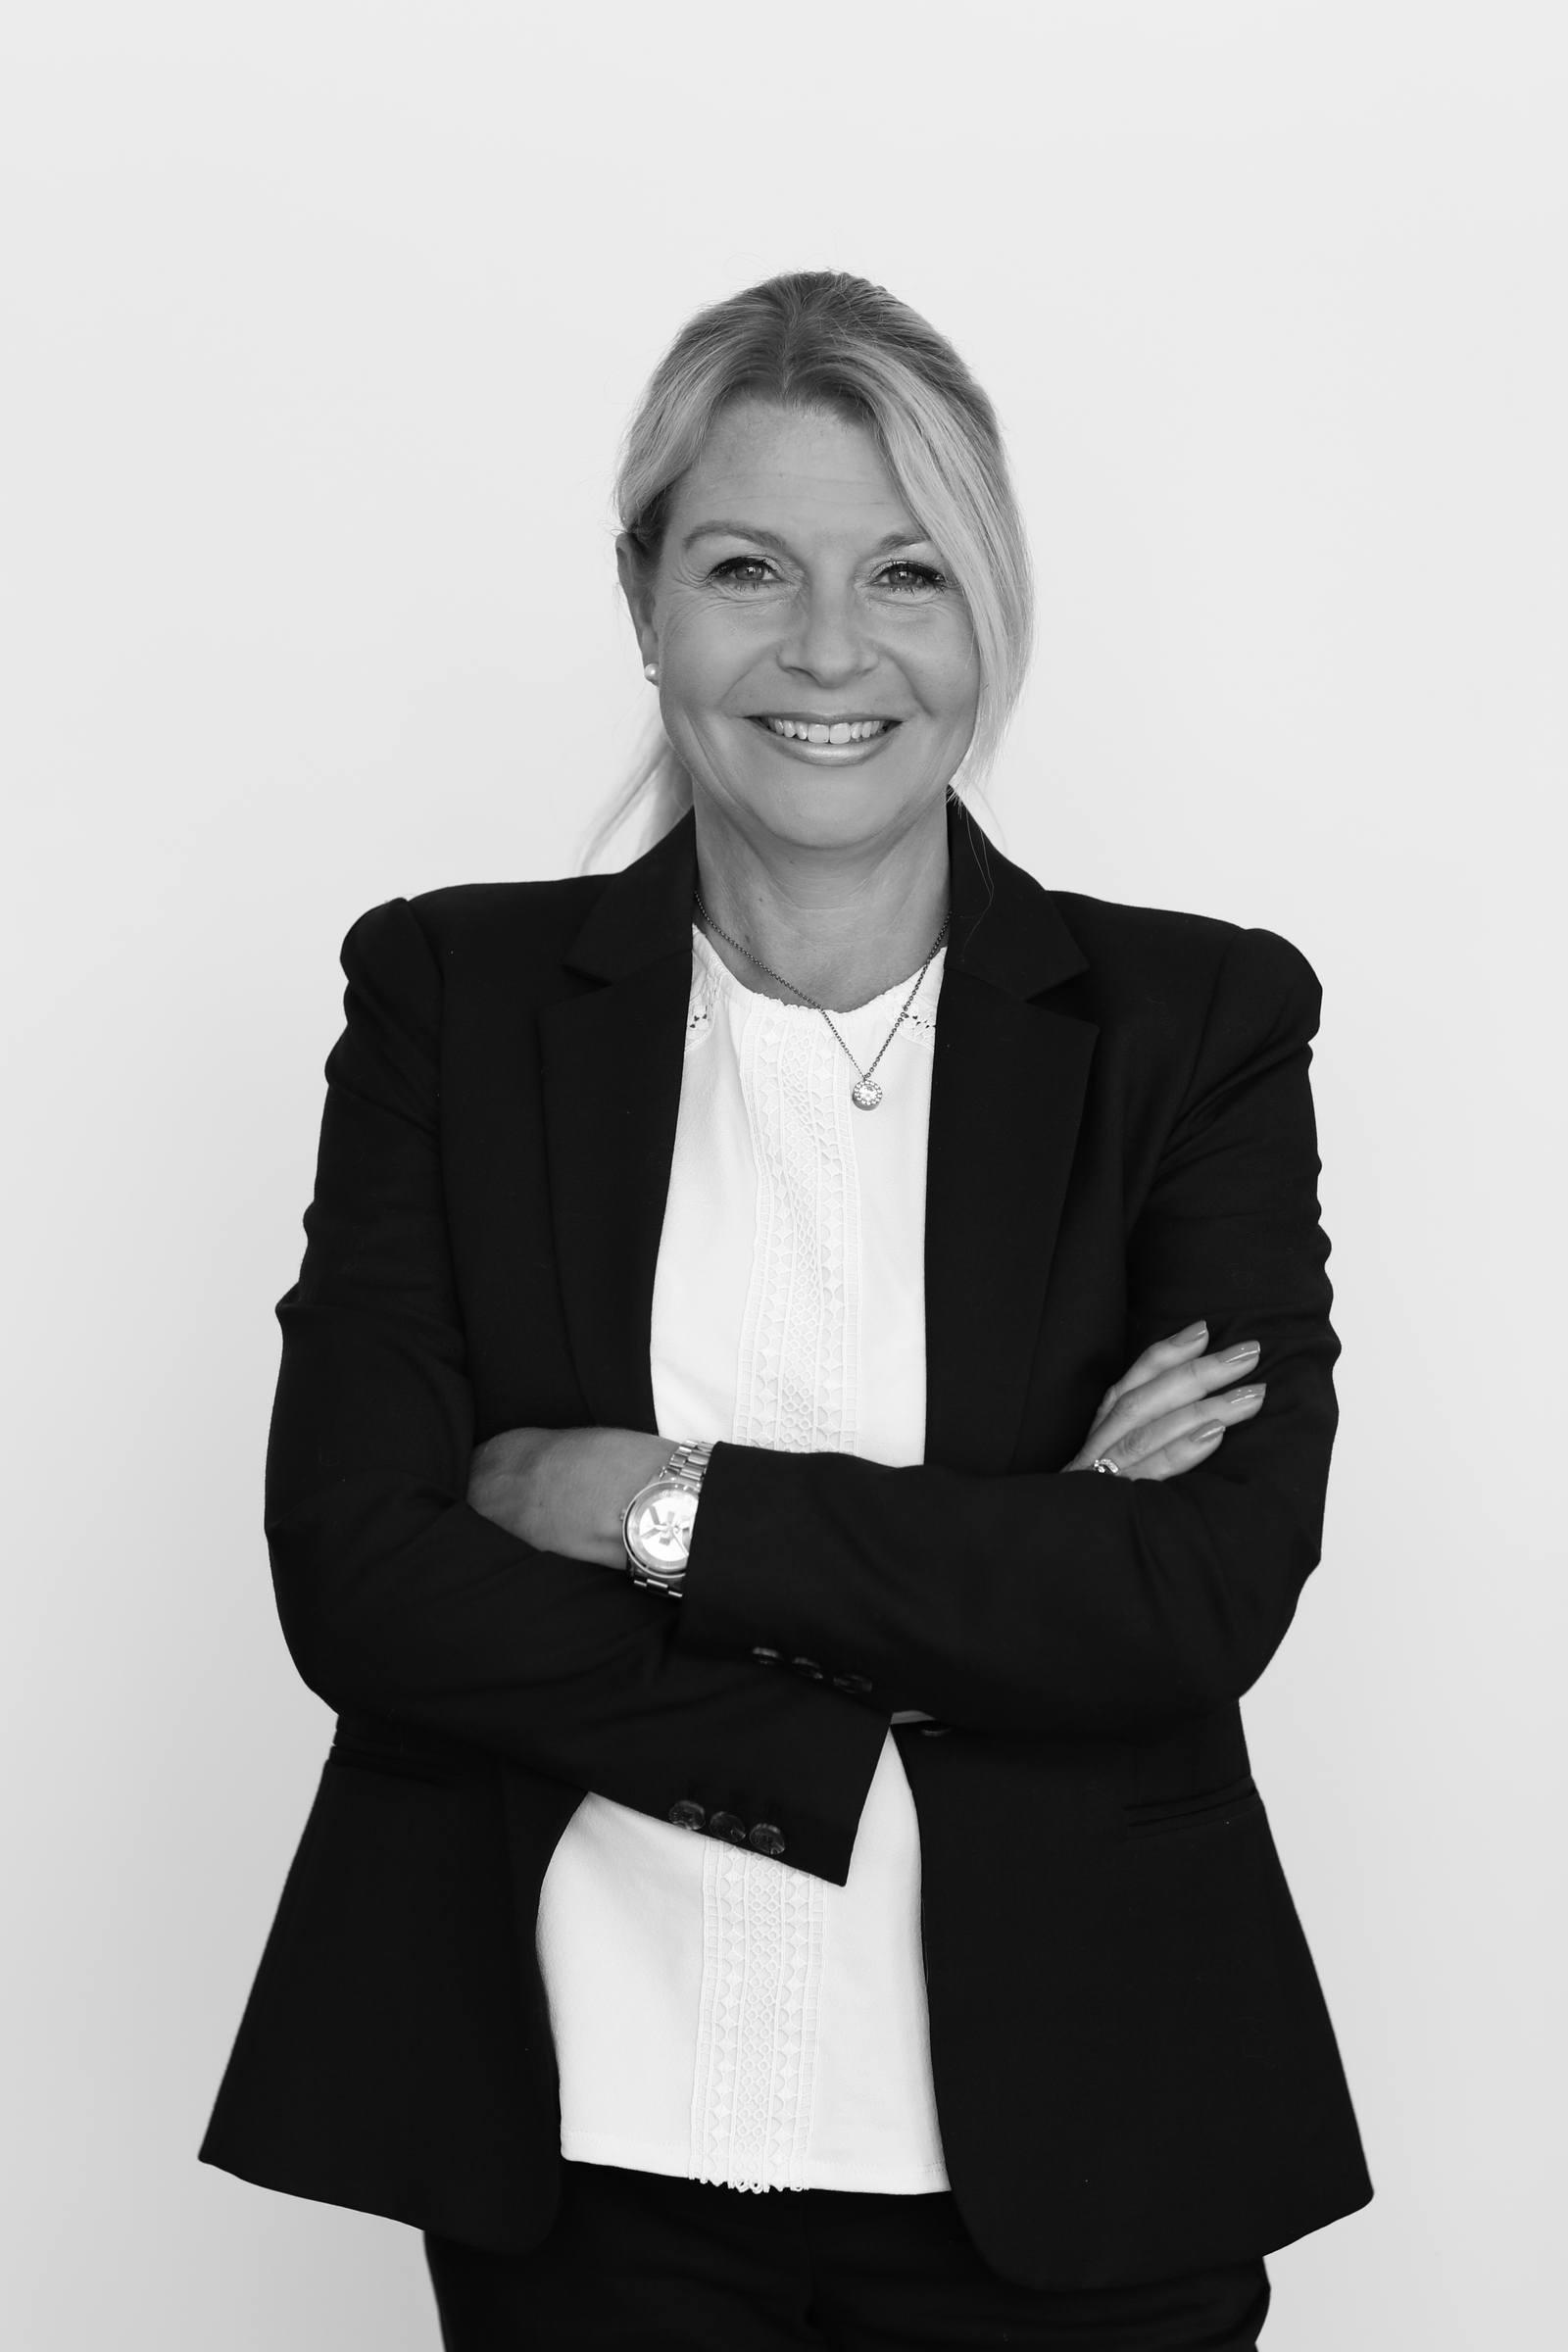 Porträtt av Annika Karlsson Örman